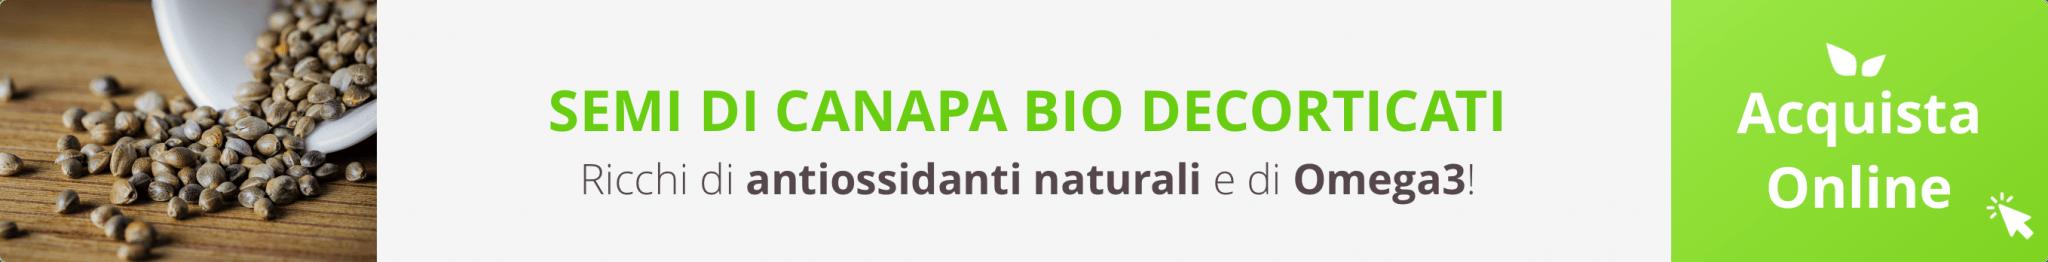 Acquista Online Semi di Canapa Bio Decorticati su FruttaWeb.com